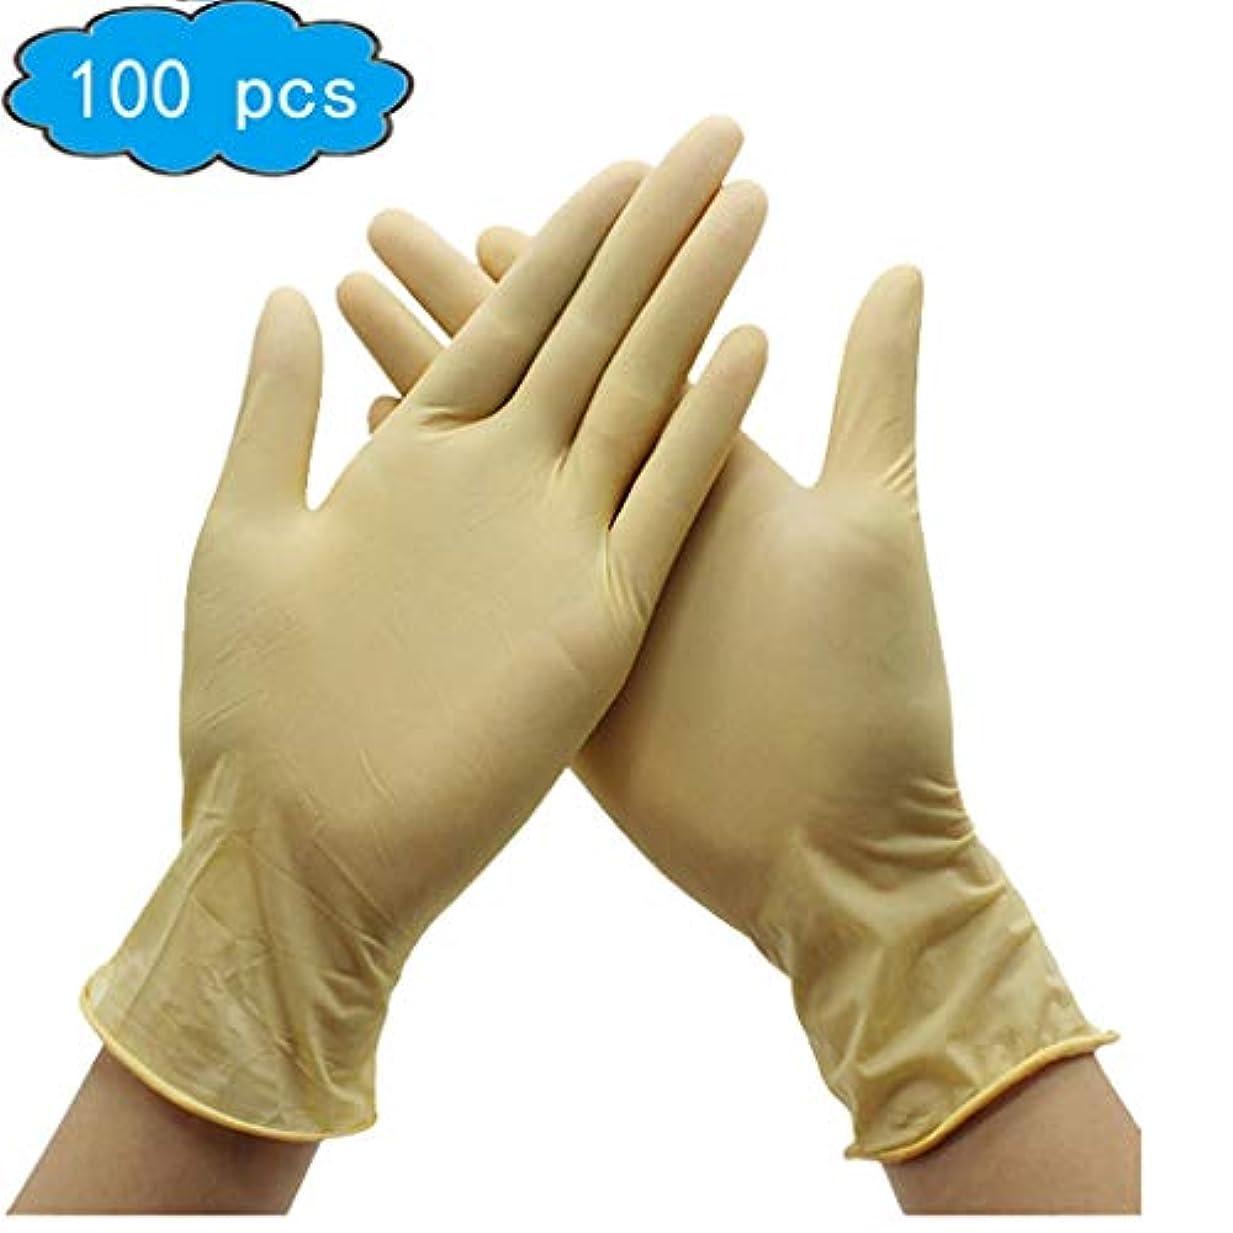 アクセスできない下向き発表するラテックス手袋、試験/食品グレードの安全製品、使い捨て手袋および手袋Dispensers 100psc、衛生手袋、健康、家庭用ベビーケア (Color : Beige, Size : L)